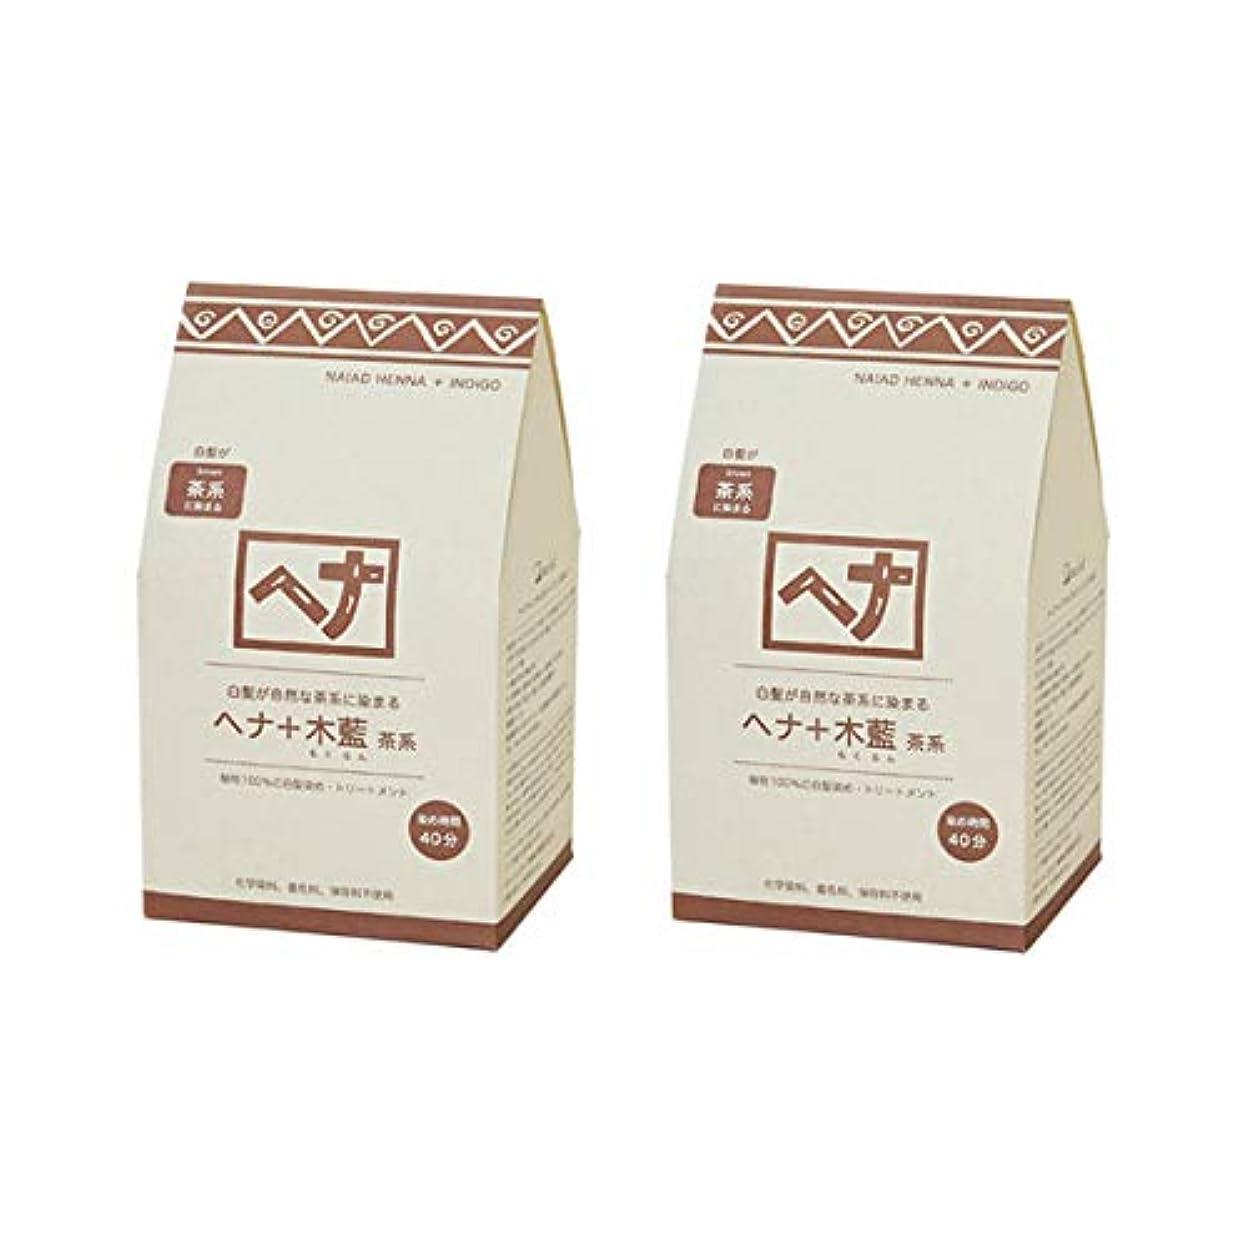 教会完全に乾くカウントナイアード ヘナ+木藍(茶系)400g(100g×4袋)×2個セット+アレッポの石鹸1個プレゼント